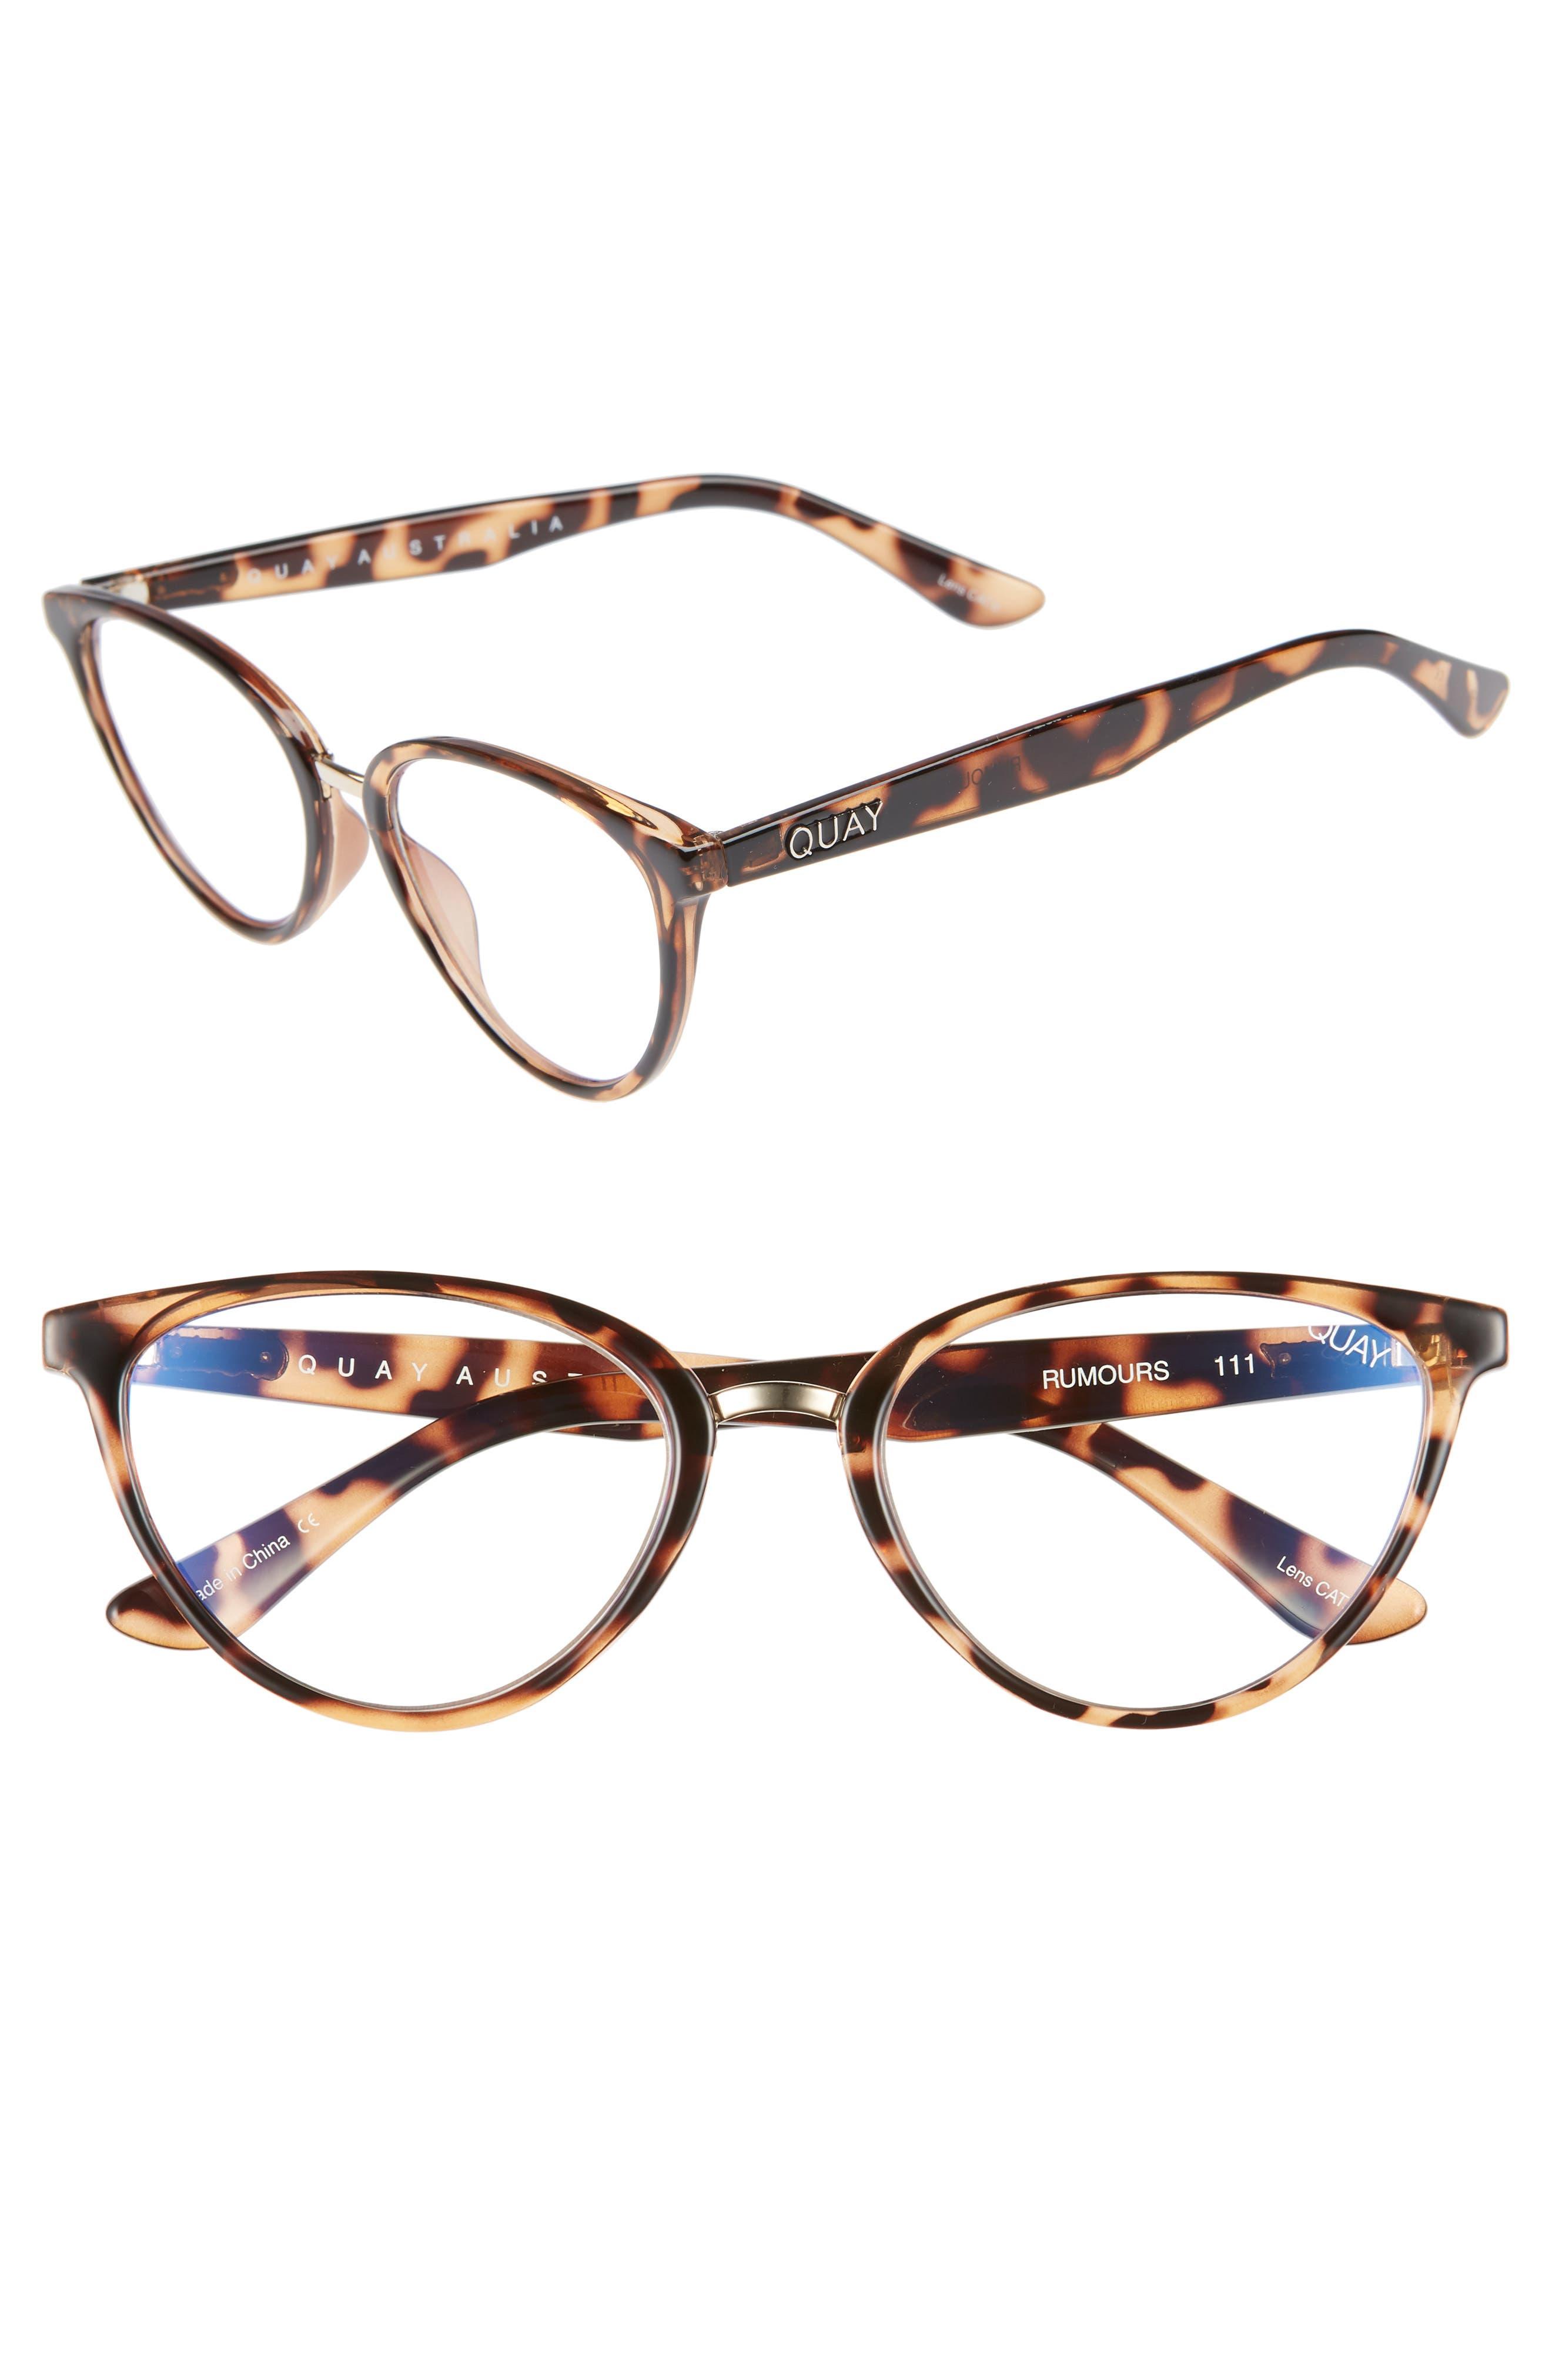 Quay Australia Rumors 57Mm Sunglasses - Tortoise Shell